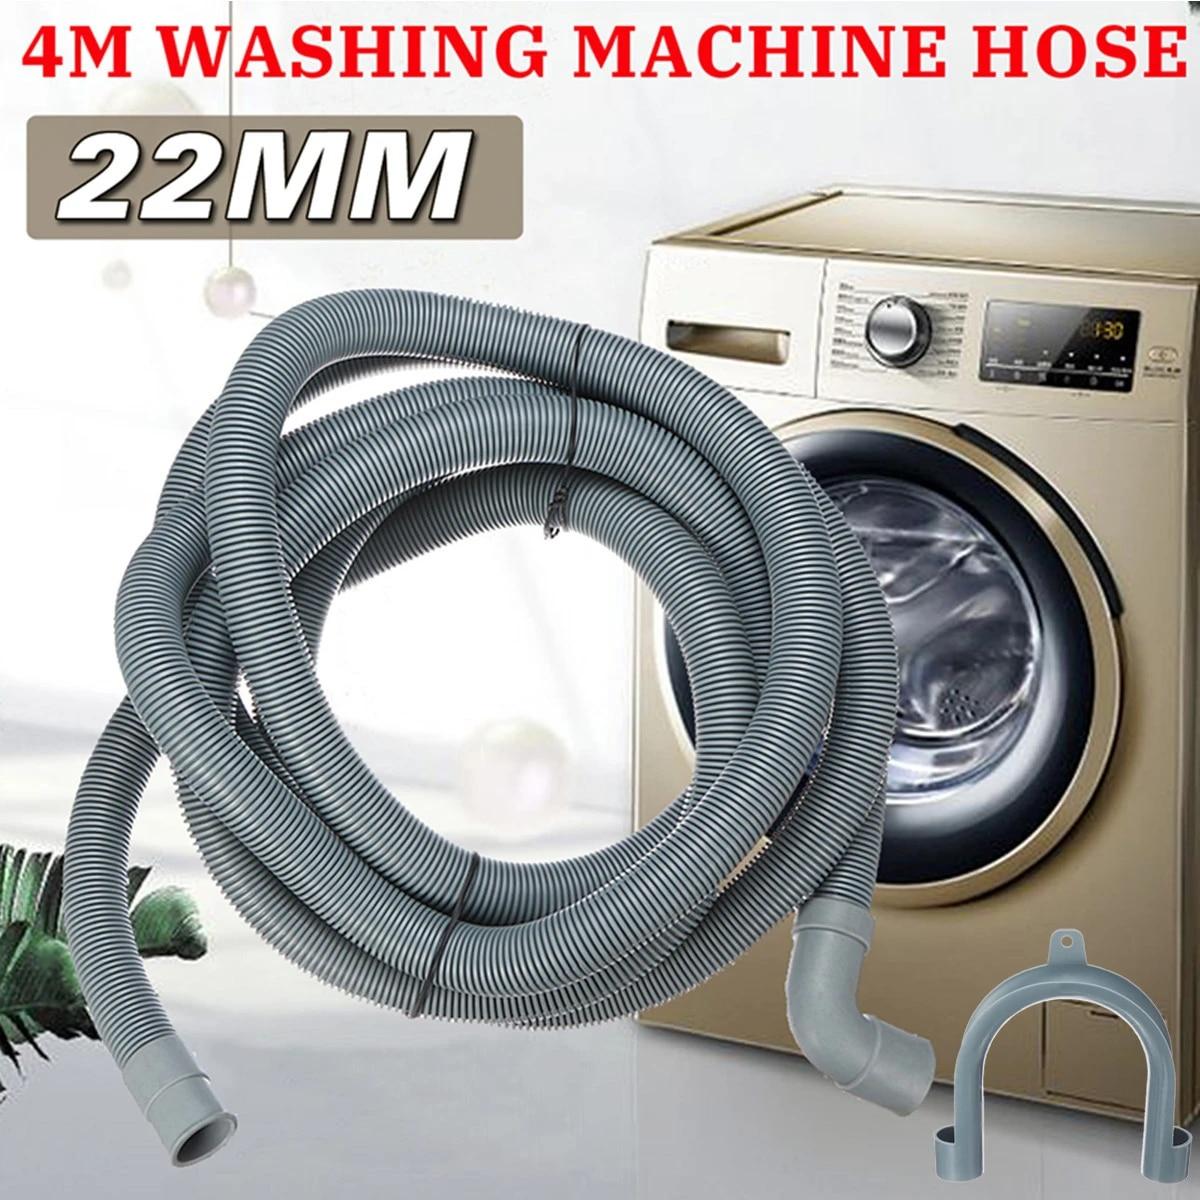 4M yıkama makinesi bulaşık makinesi tahliye hortumu çıkış su borusu esnek  uzatma 22mm braket ile Washing Machine Parts